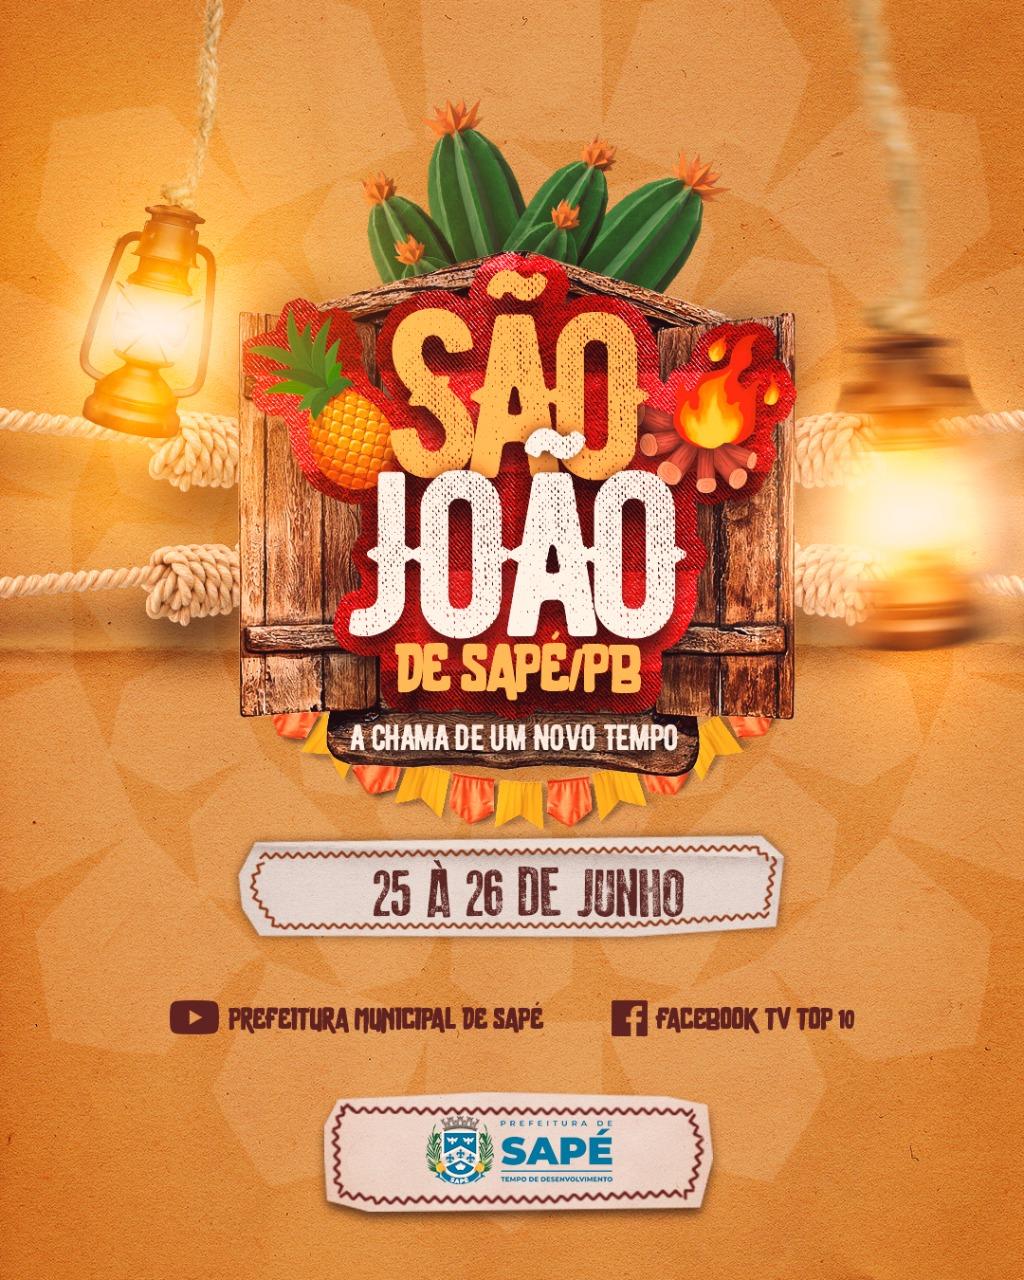 Onze atrações locais participam de live 'Vozes da Terra' no São João 2021 de Sapé